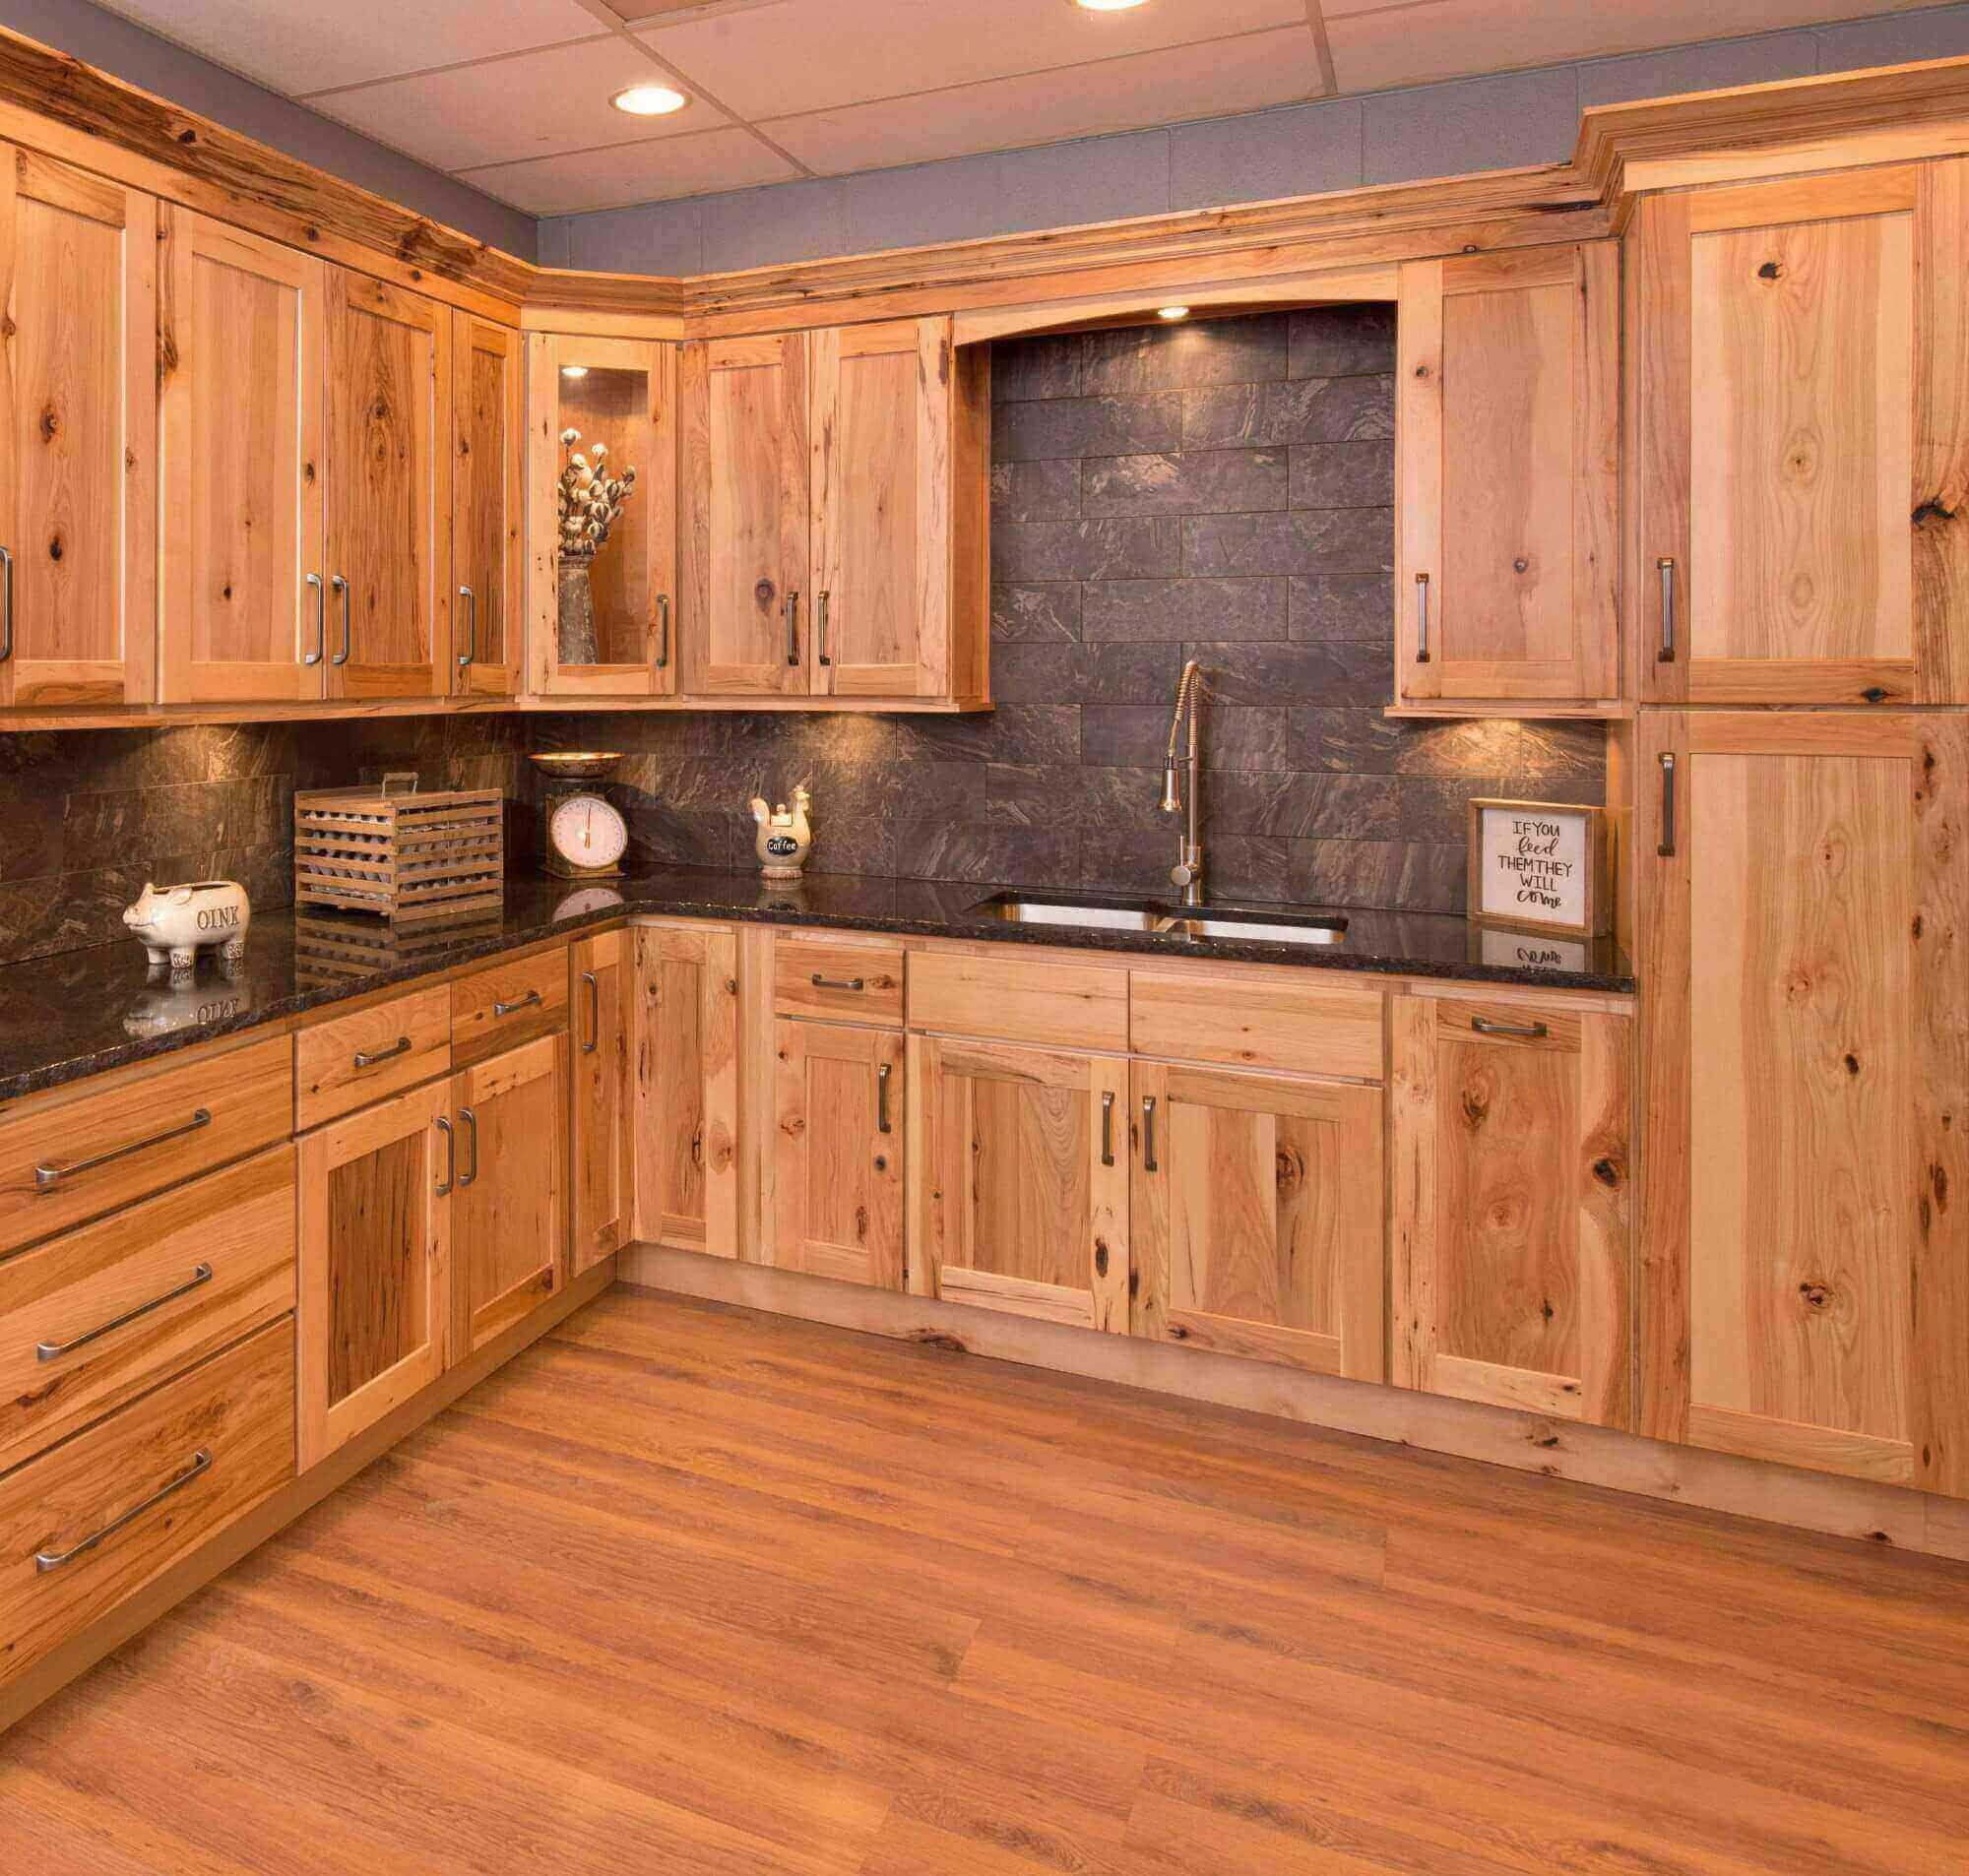 Natural Pine Kitchen Cabinets: Pin On Michigan House Stuff